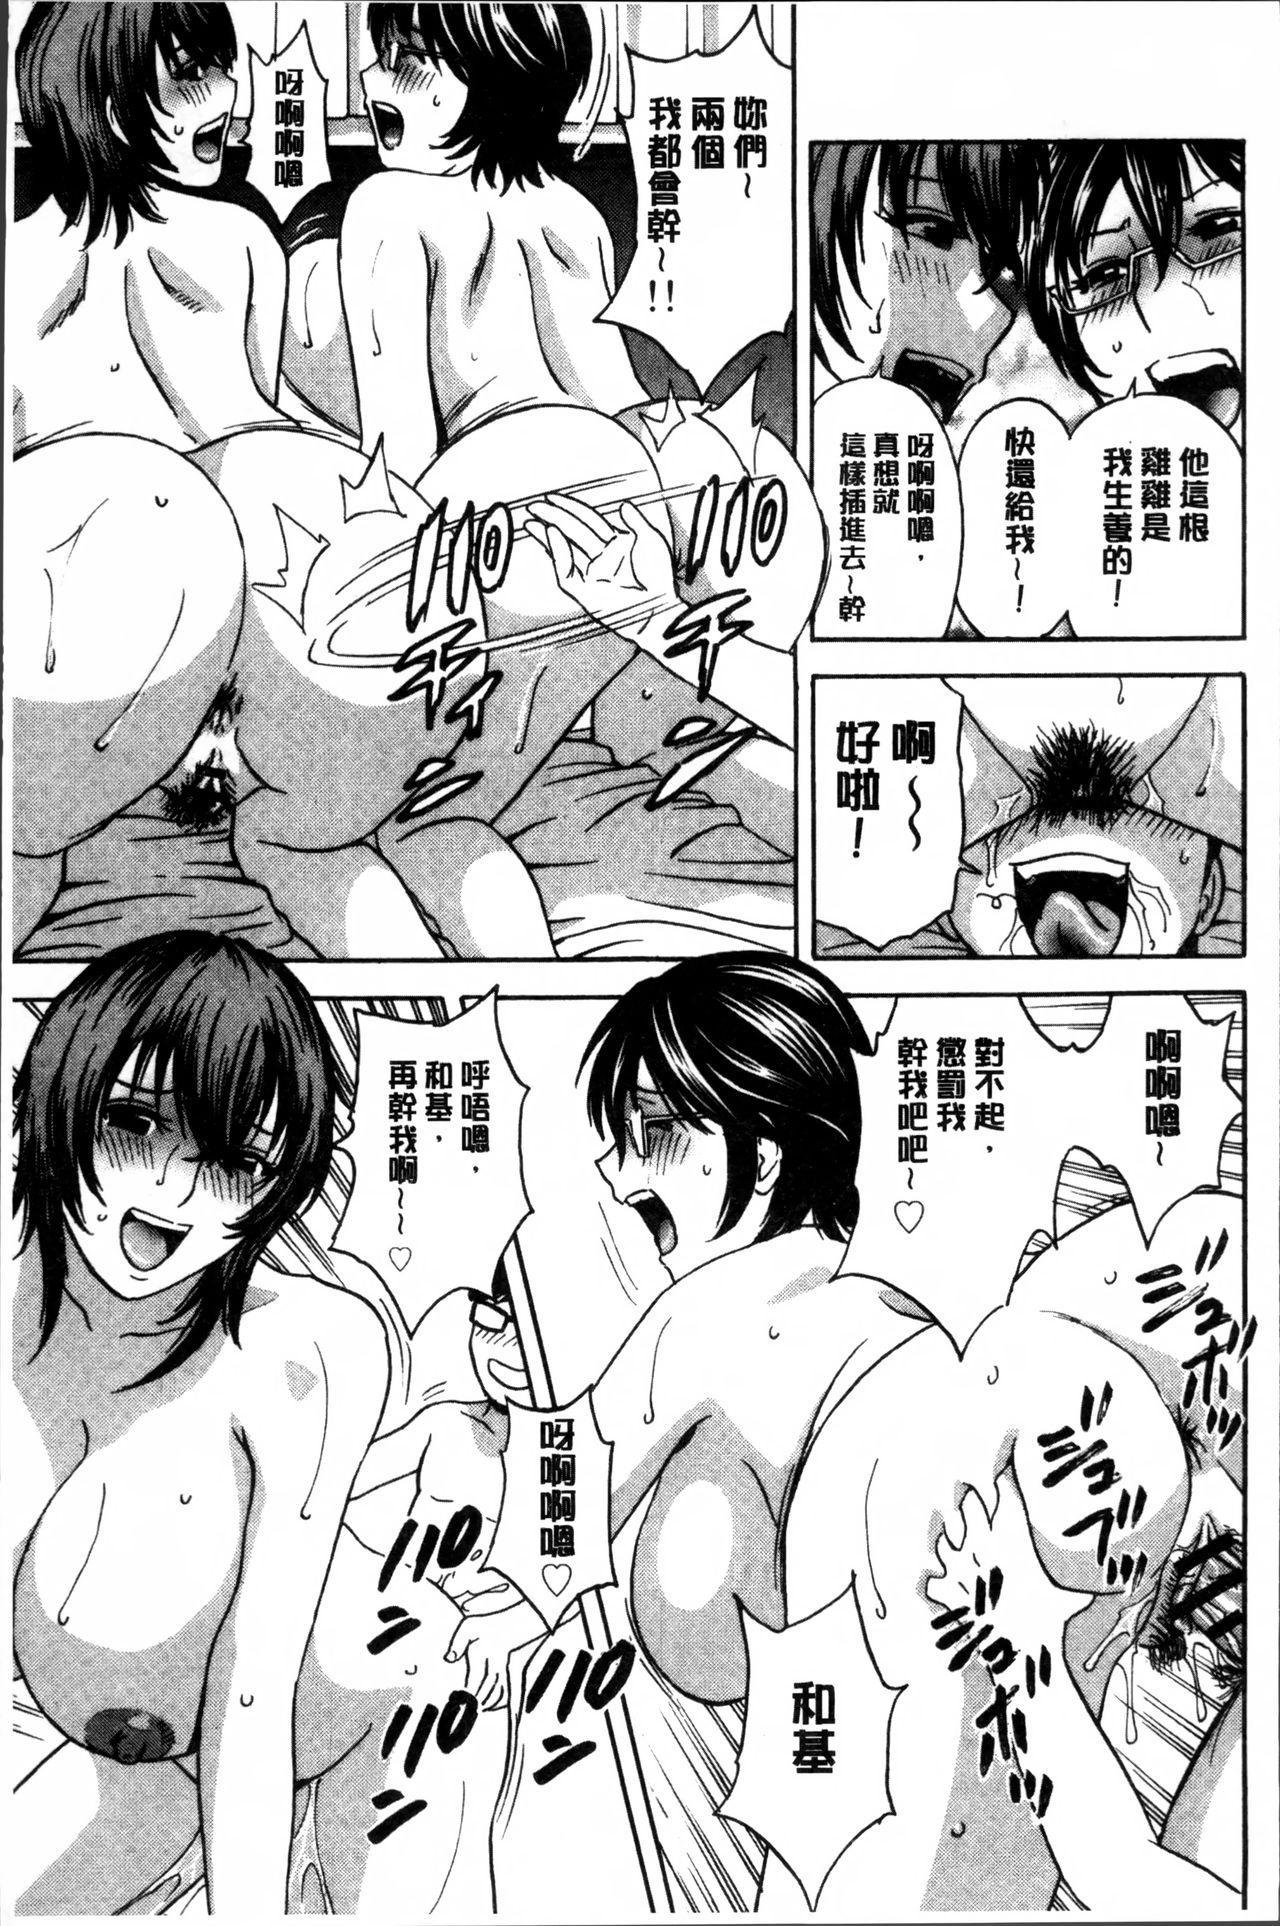 Ryoujyoku!! Urechichi Paradise 192